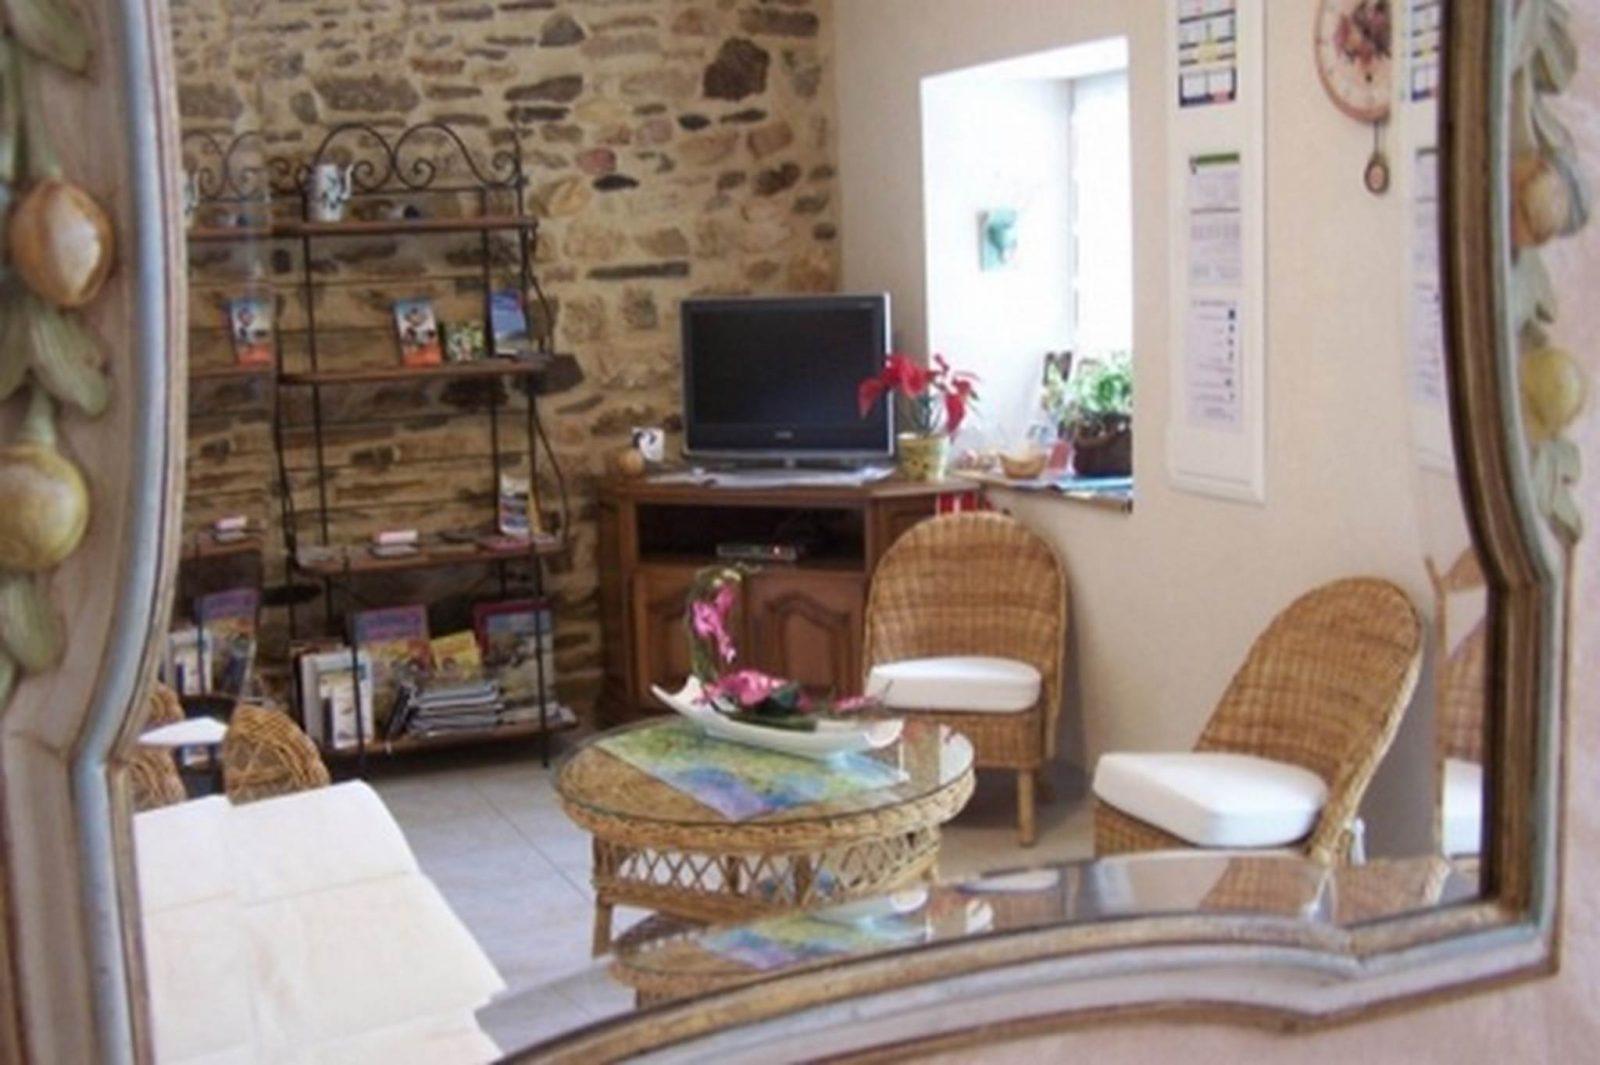 Chambres hotes Jordi-Peaule-Tourisme arc sud bretagne